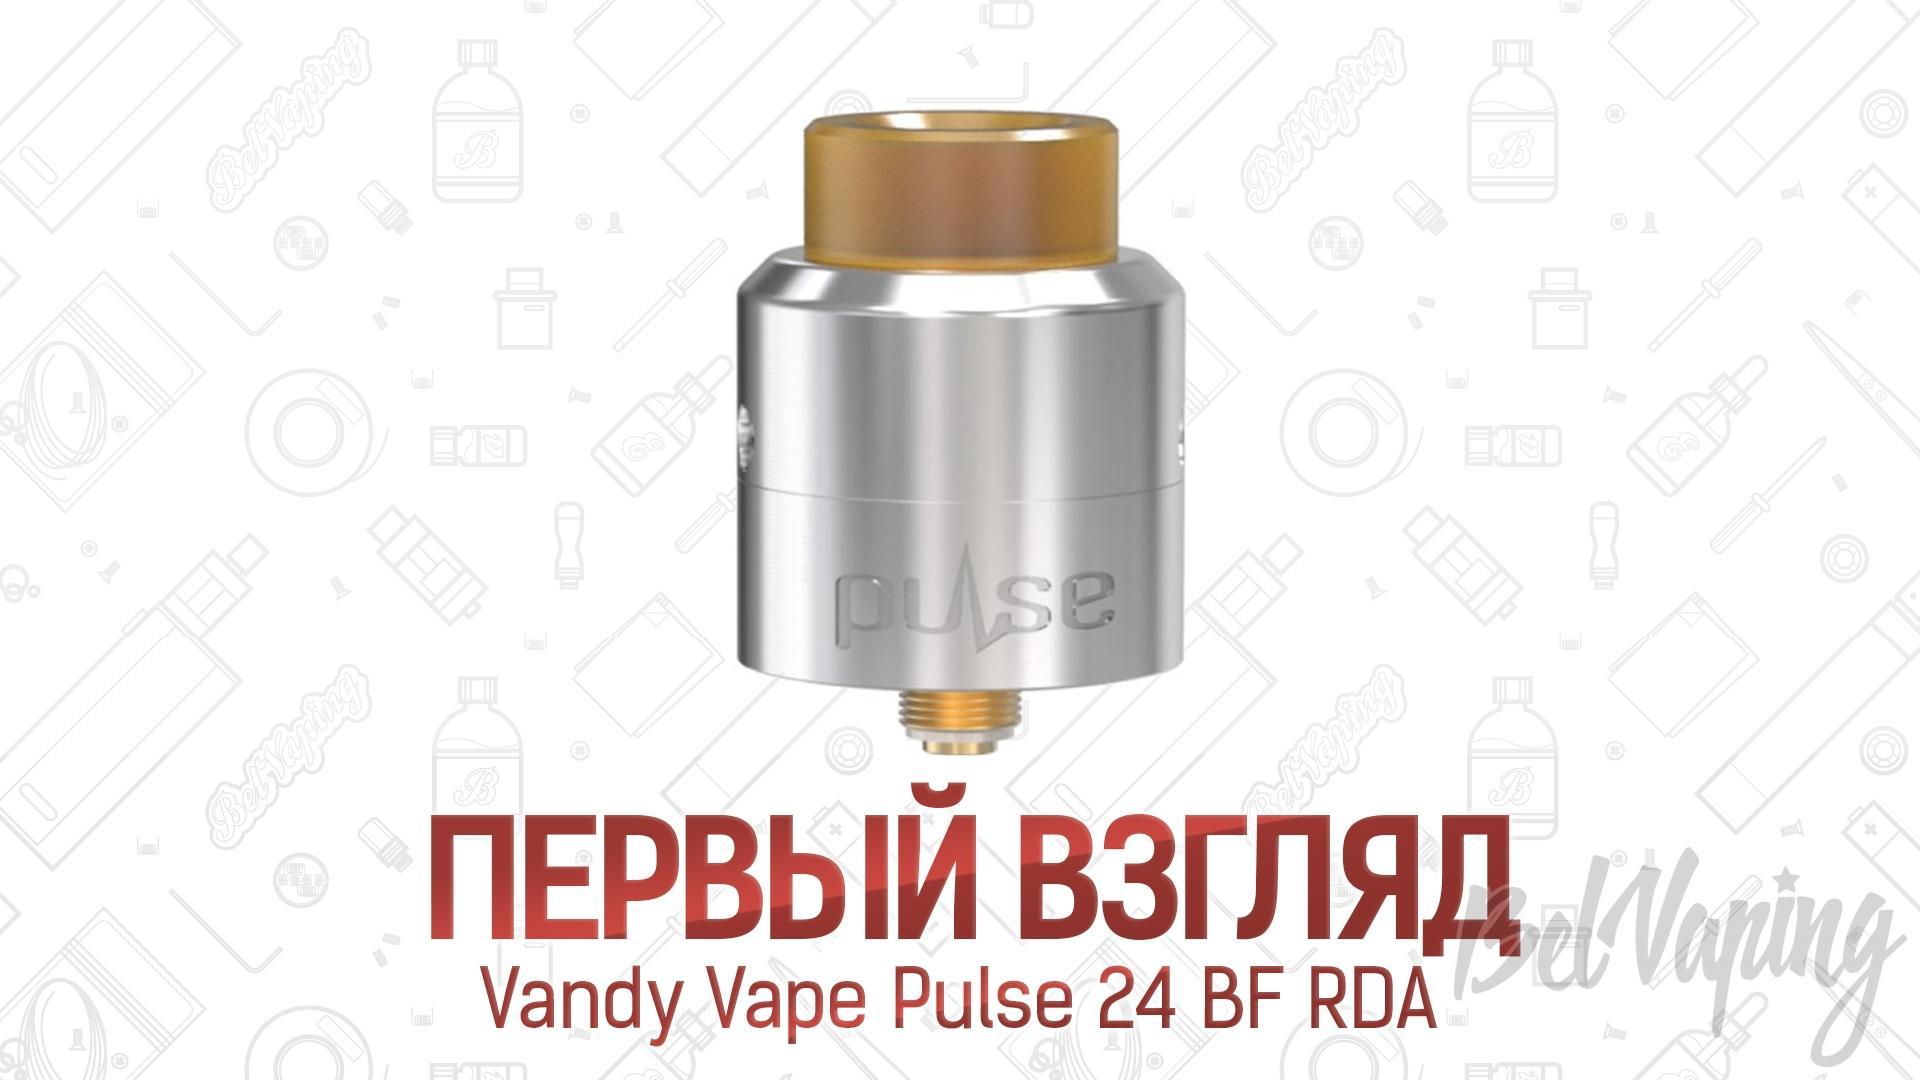 Vandy Vape Pulse 24 BF RDA. Первый взгляд